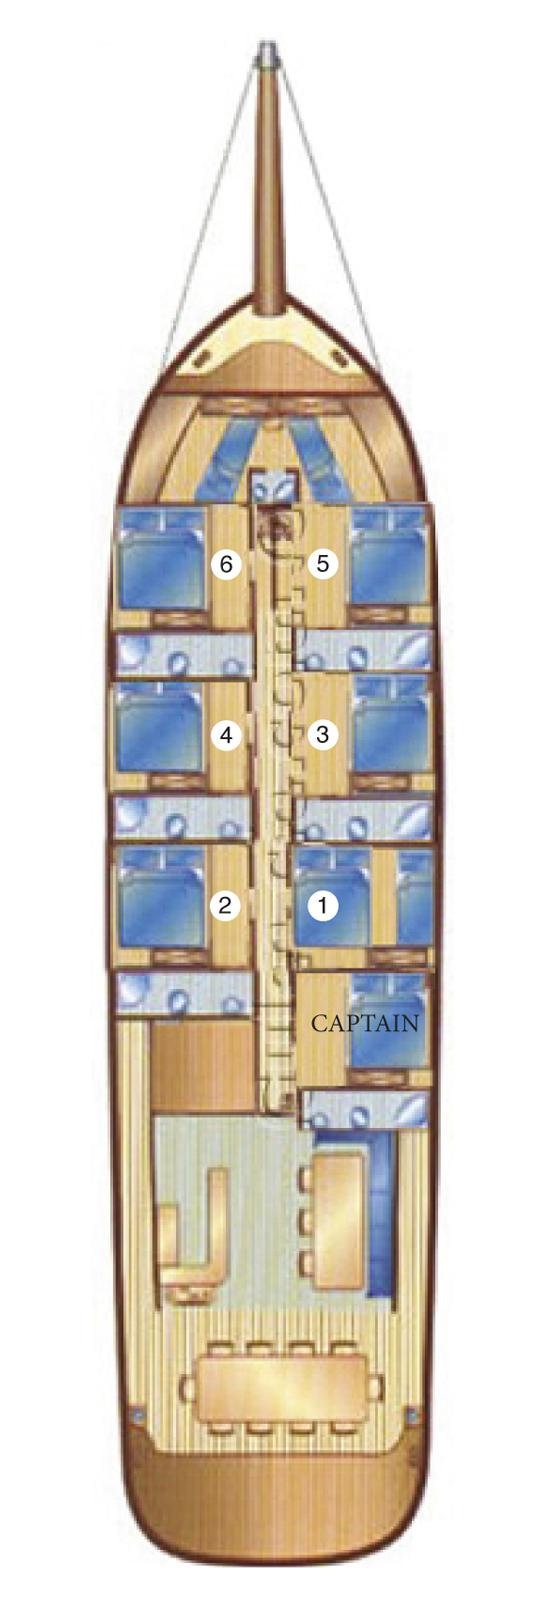 Galip-Nur-layout.jpg